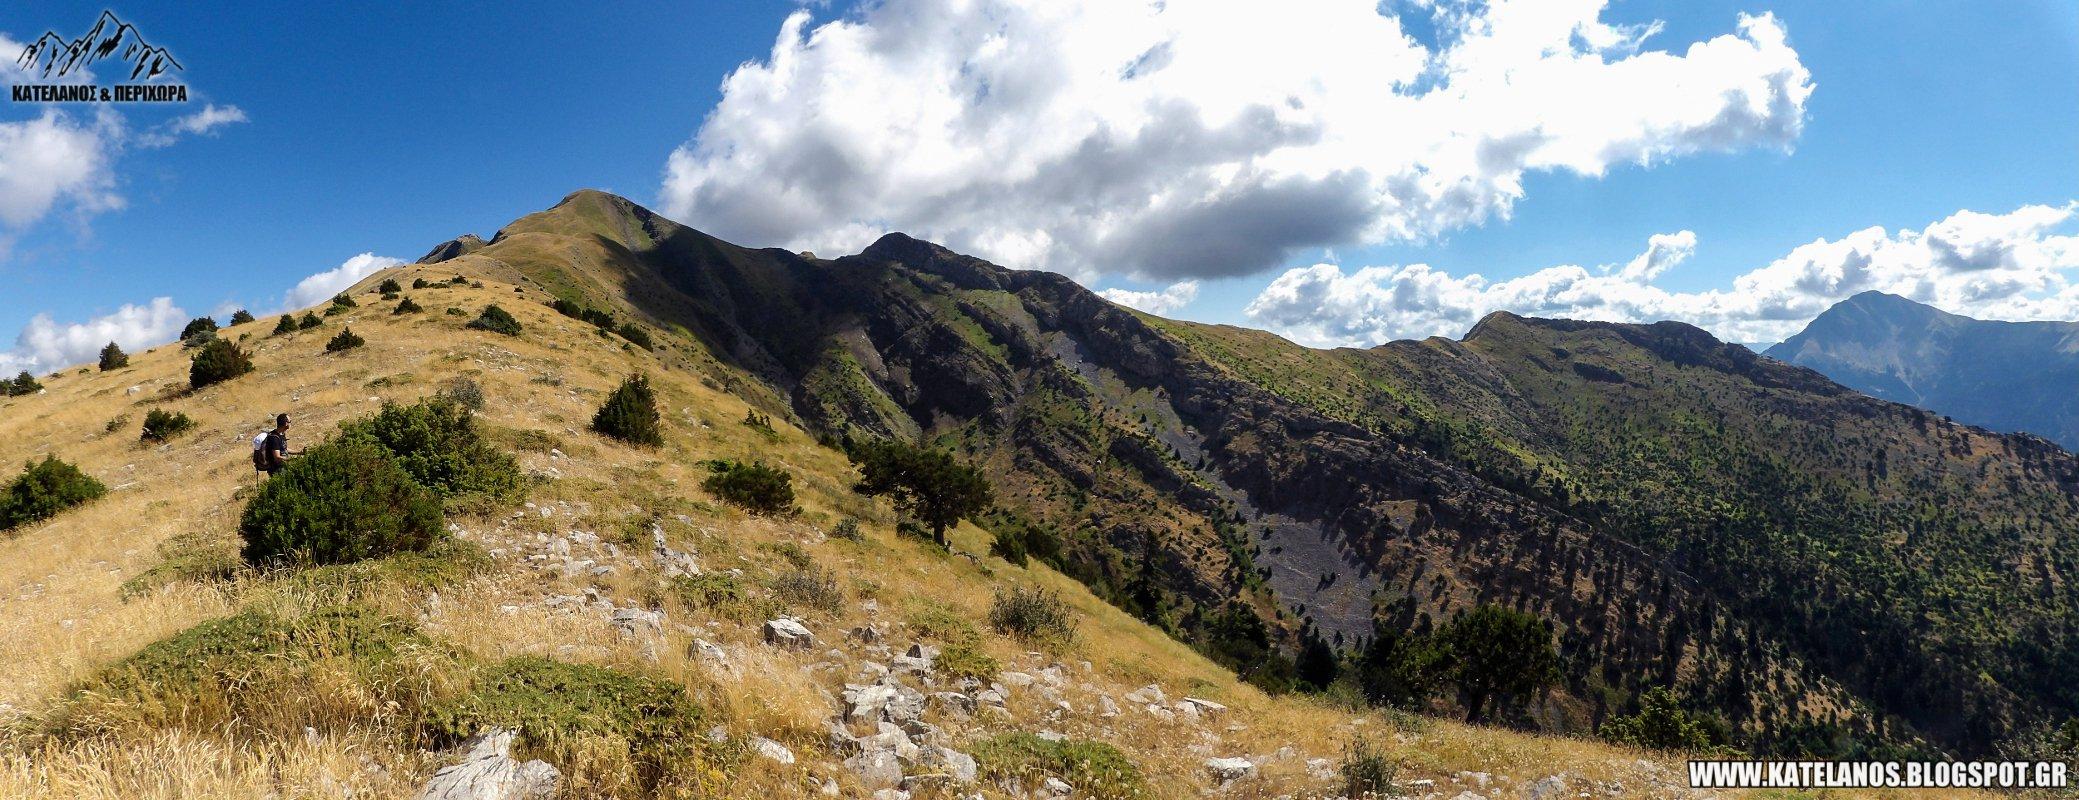 ευρυτανικα βουνα χελιδονα πεζοπορια ορειβασια διασχιση